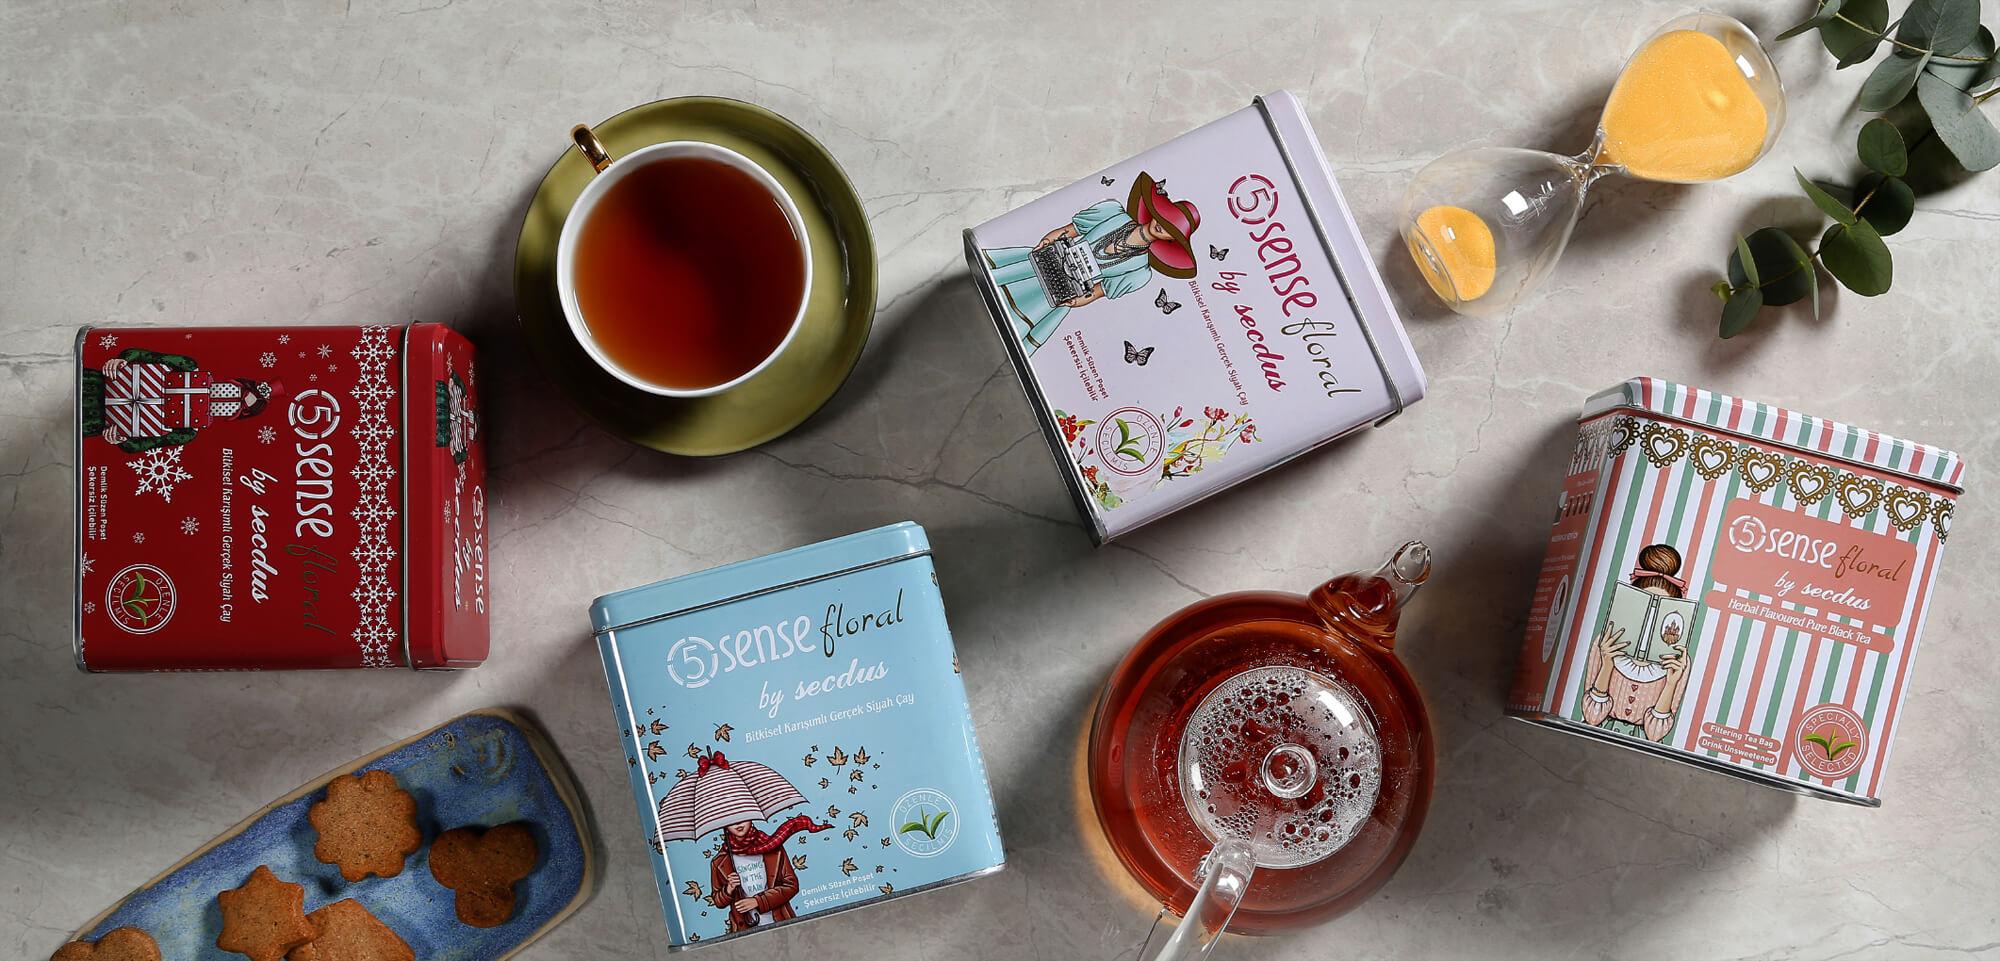 5 Sense Çayları